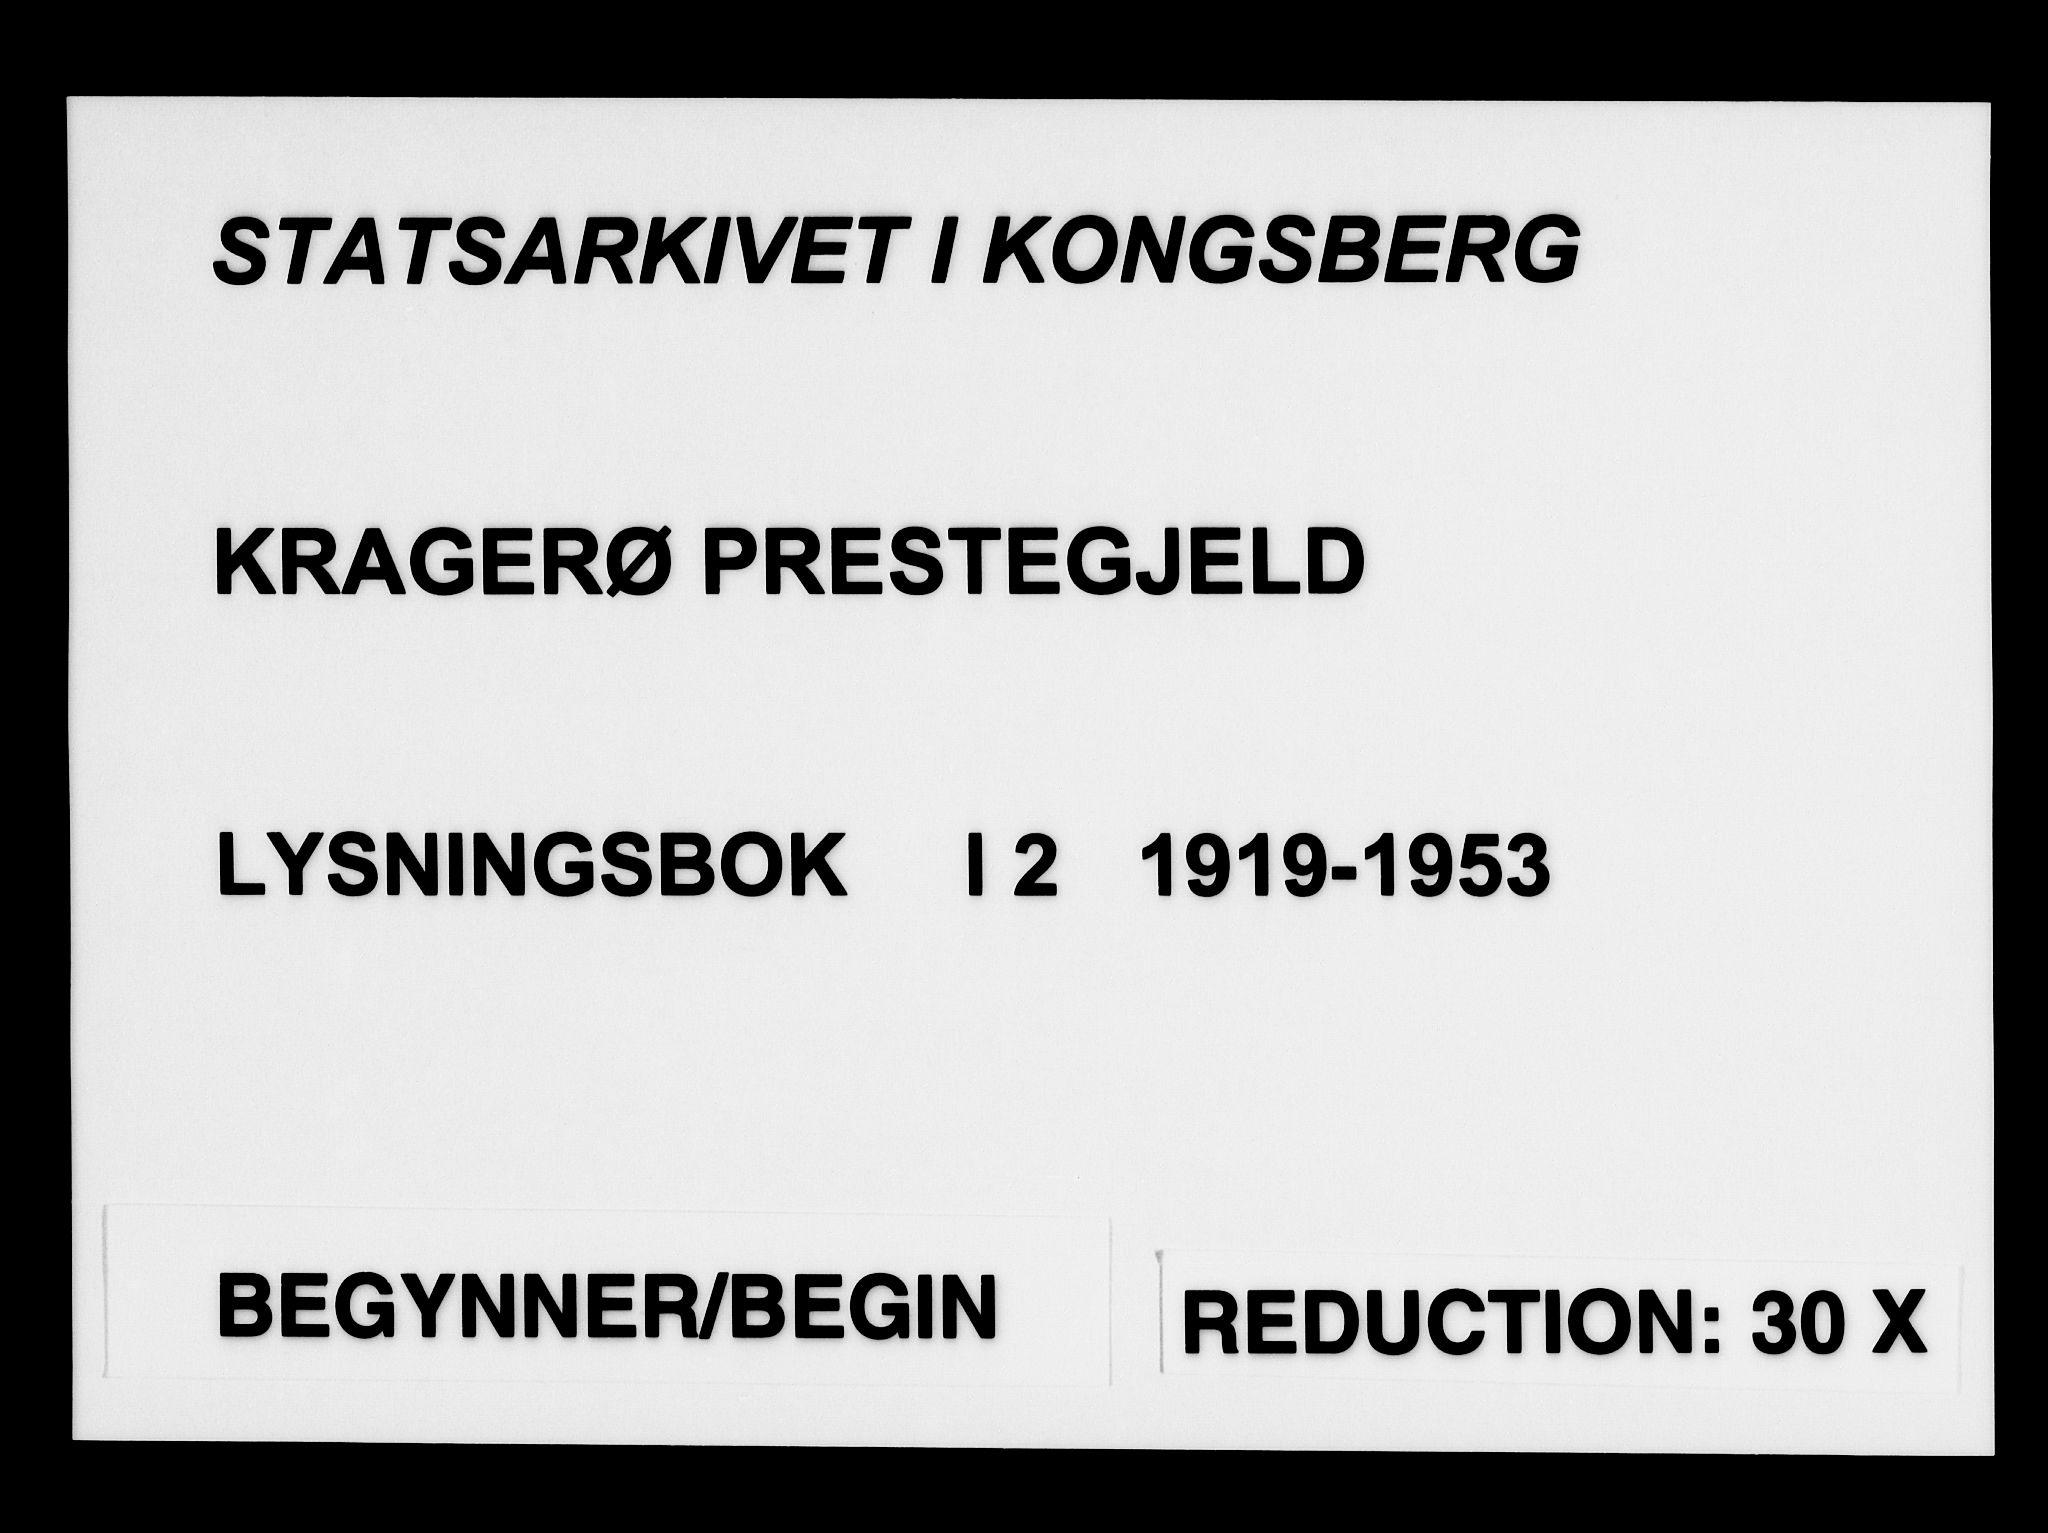 SAKO, Kragerø kirkebøker, H/Ha/L0002: Banns register no. I 2, 1919-1953